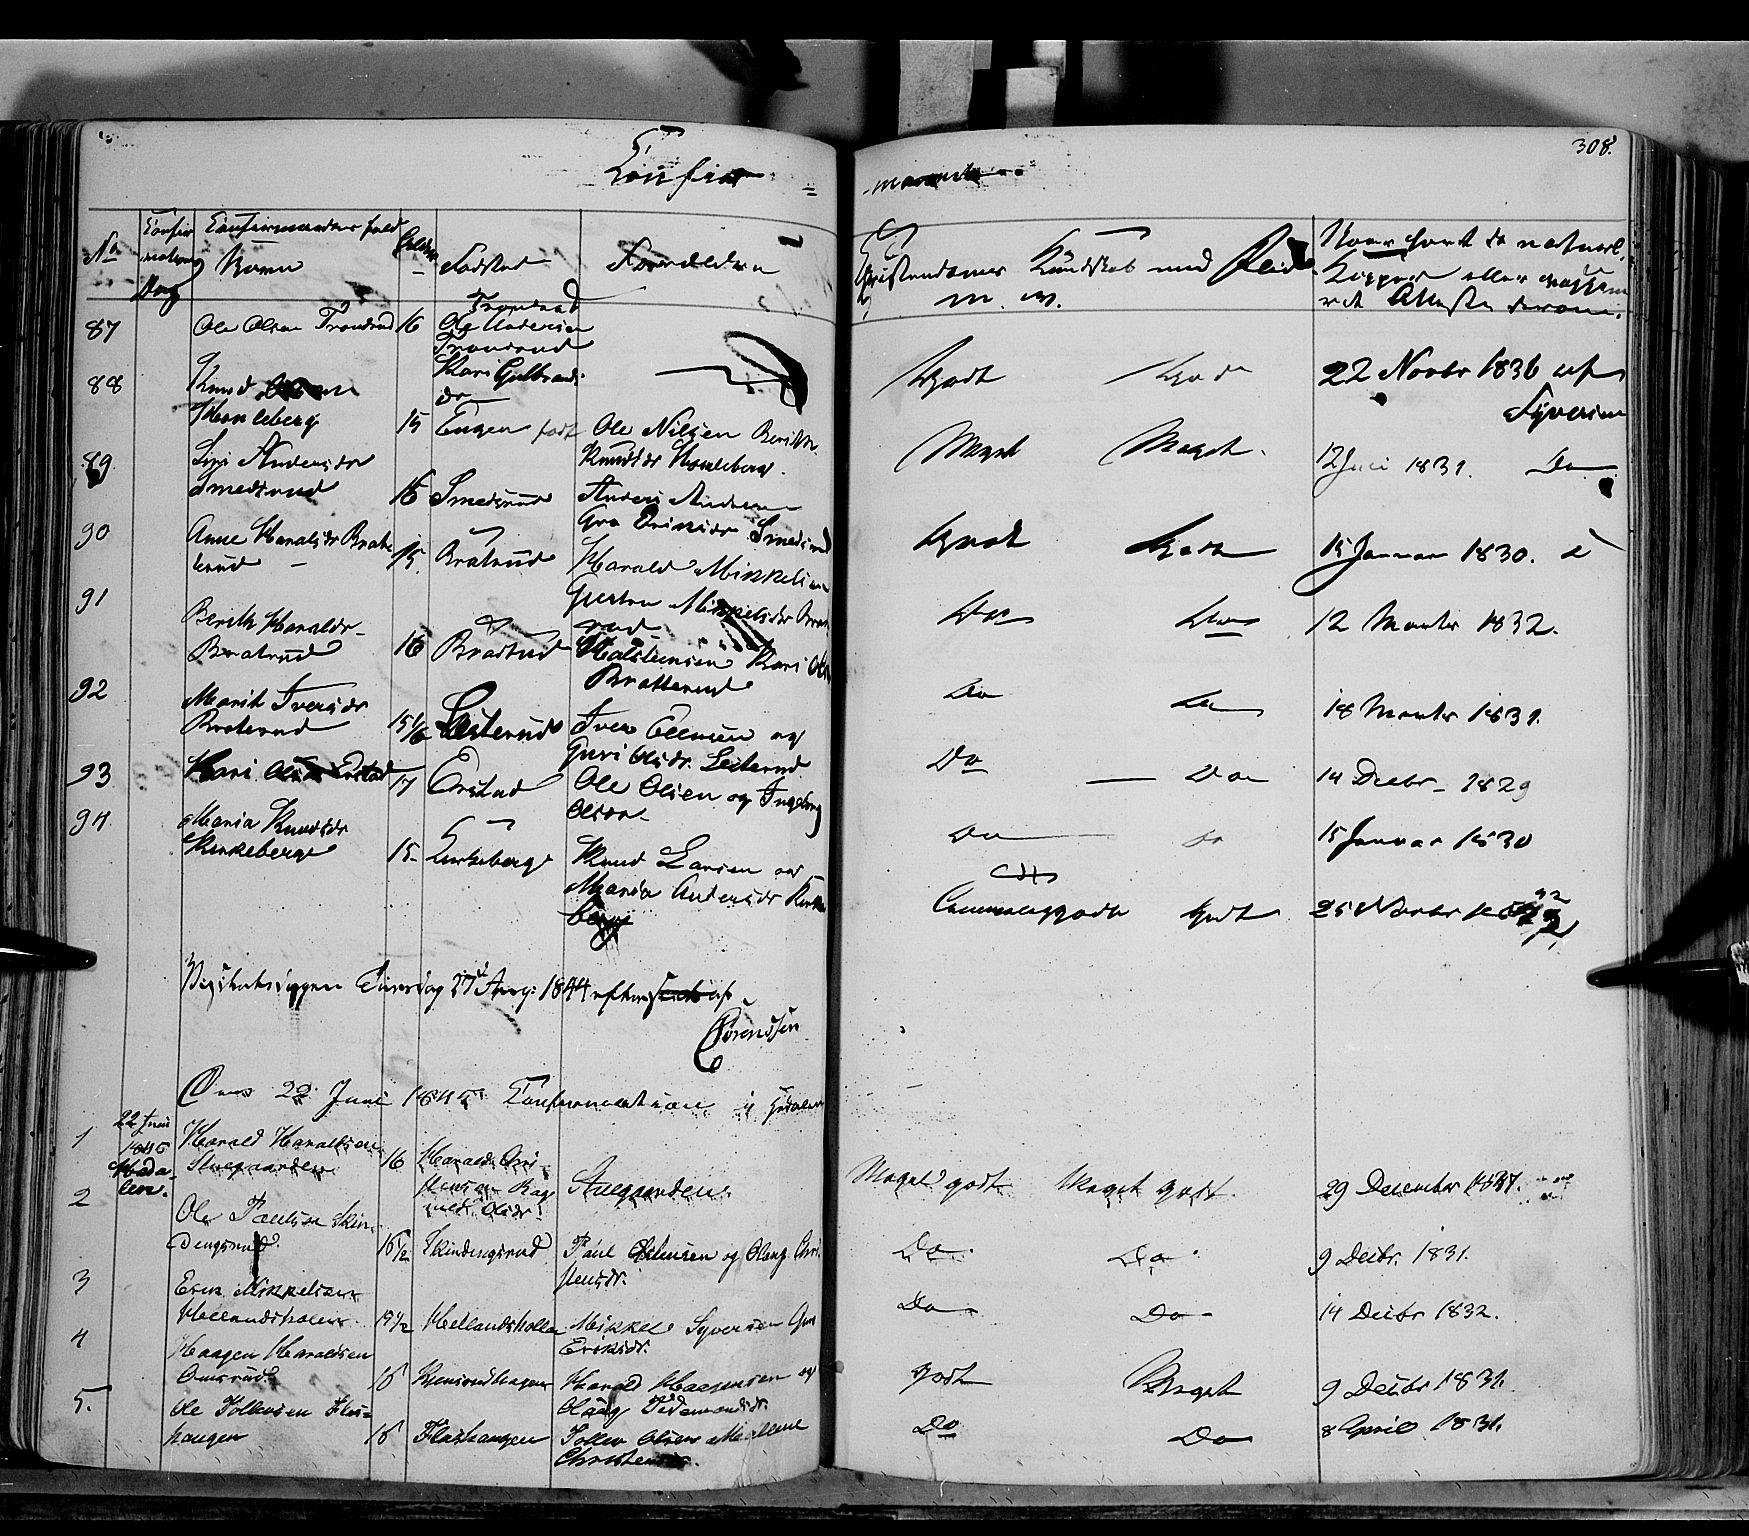 SAH, Sør-Aurdal prestekontor, Ministerialbok nr. 4, 1841-1849, s. 307-308